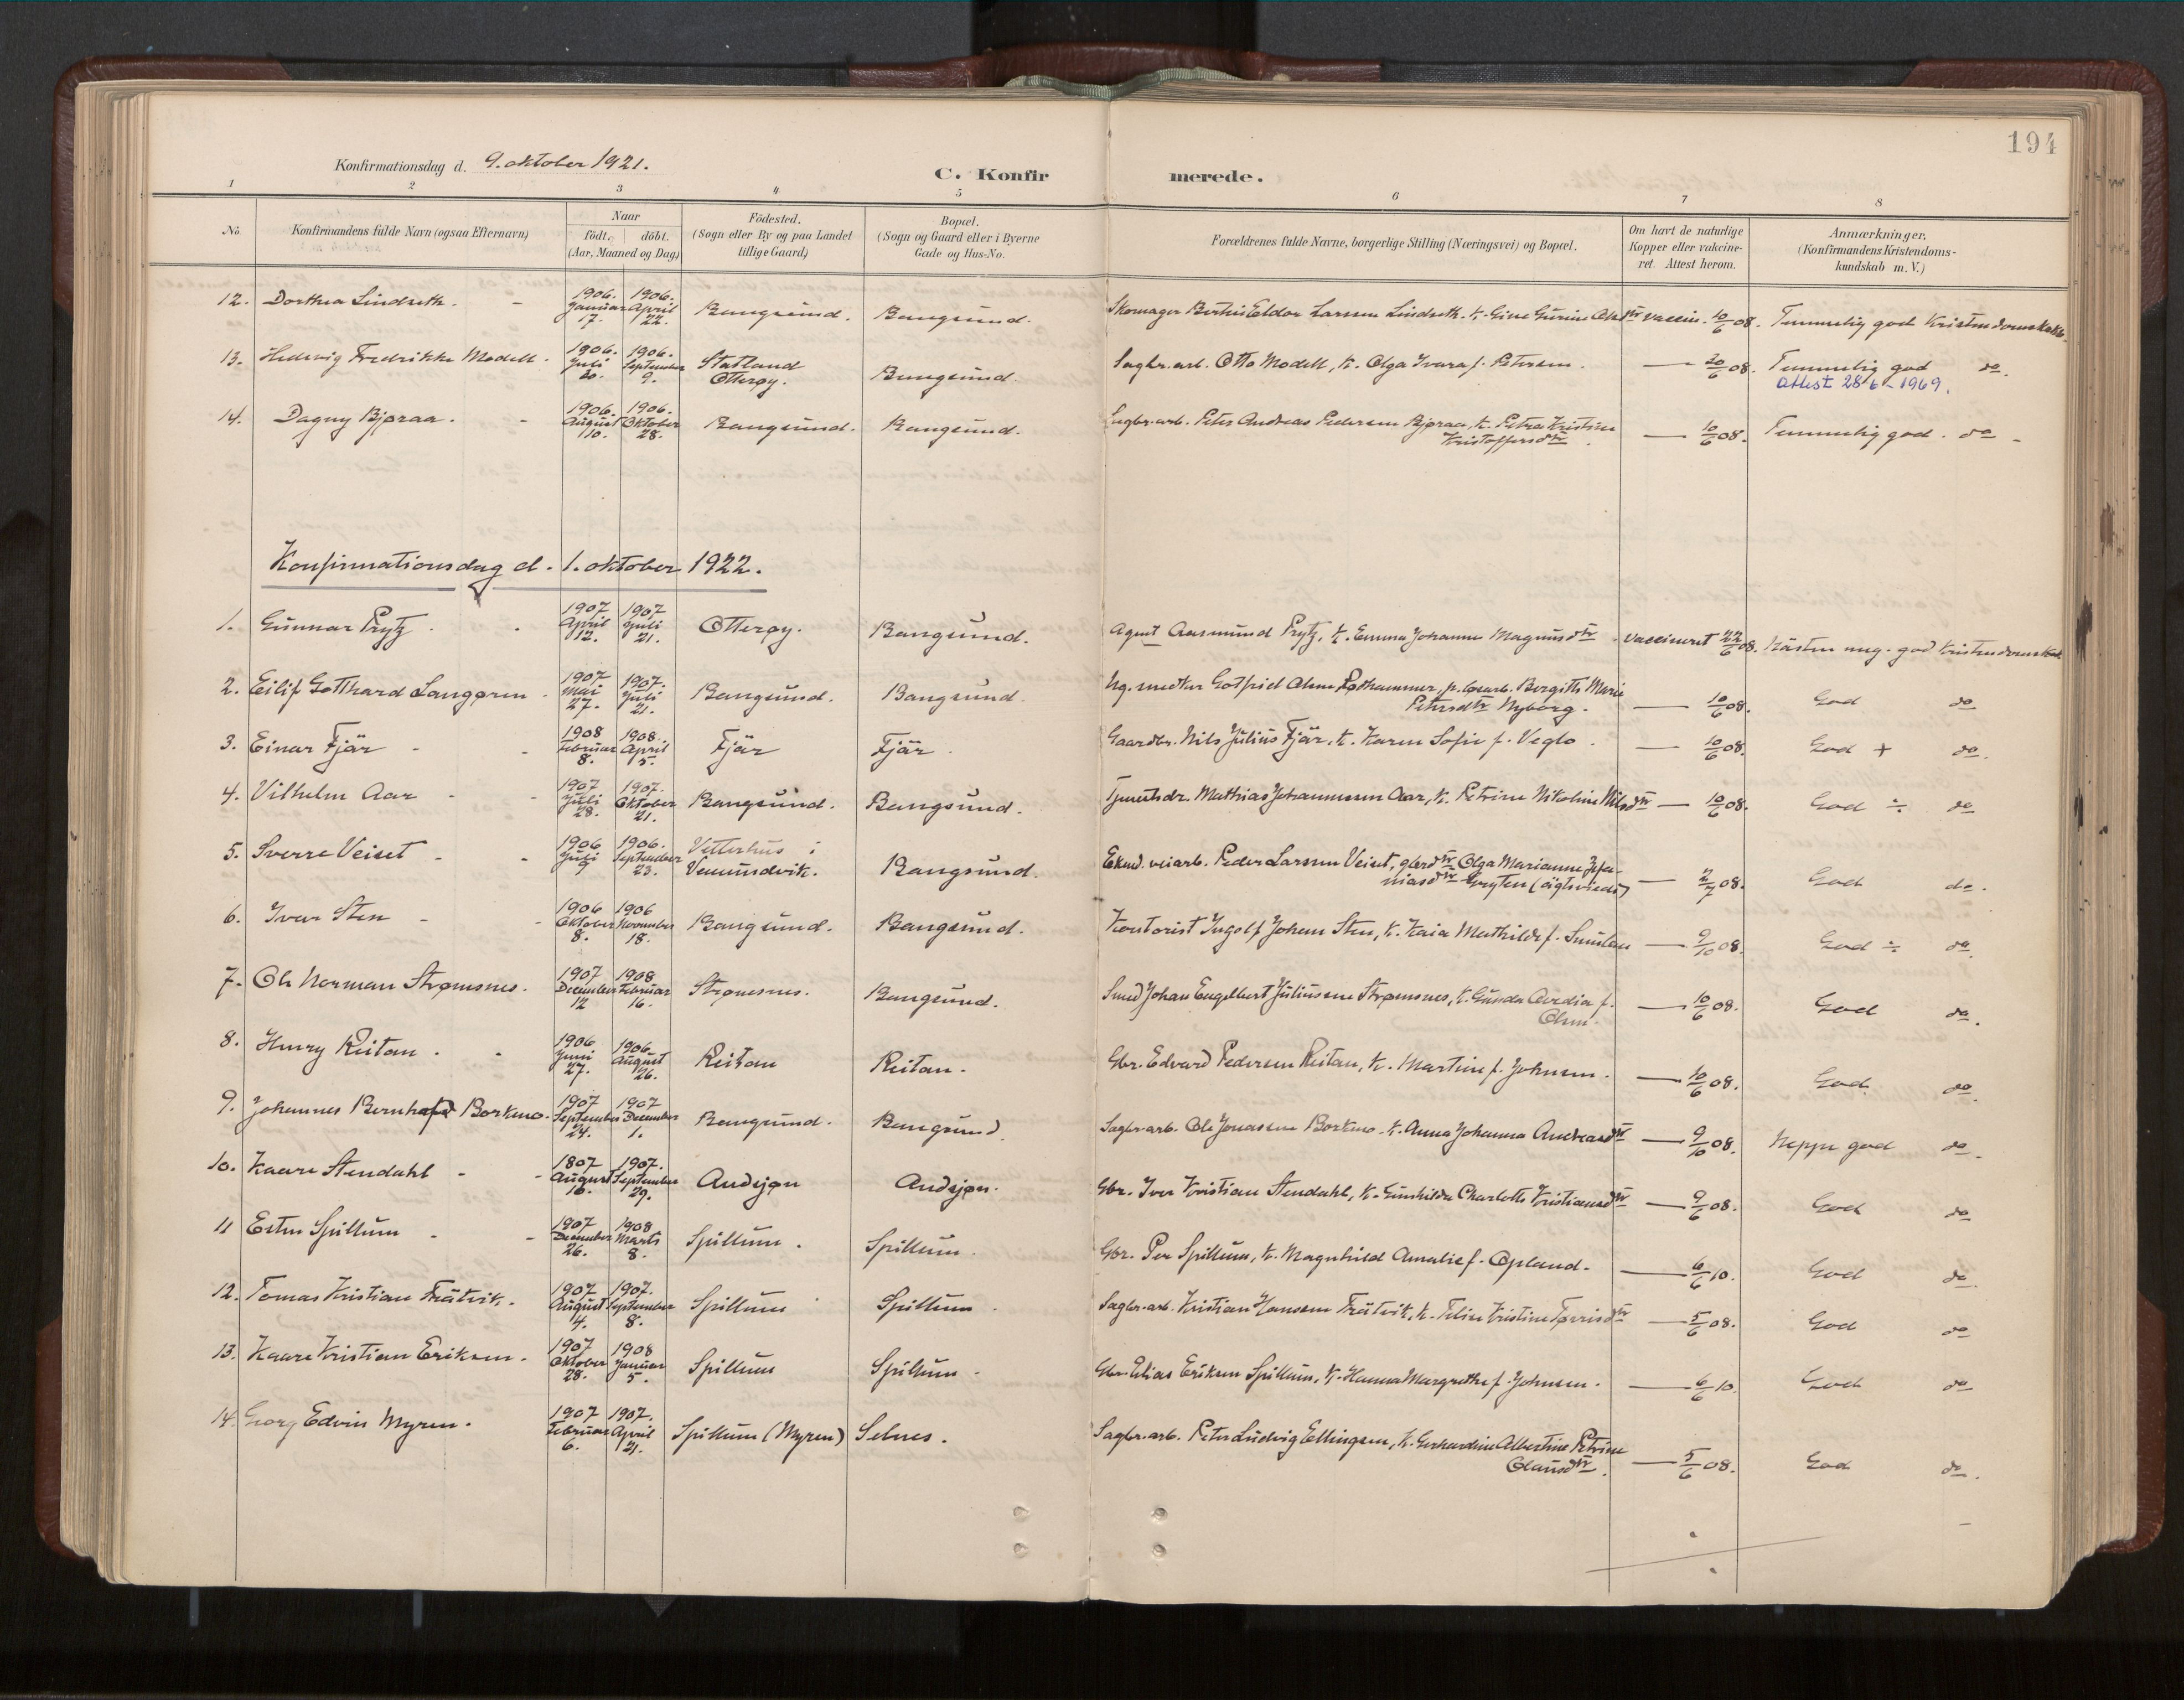 SAT, Ministerialprotokoller, klokkerbøker og fødselsregistre - Nord-Trøndelag, 770/L0589: Ministerialbok nr. 770A03, 1887-1929, s. 194